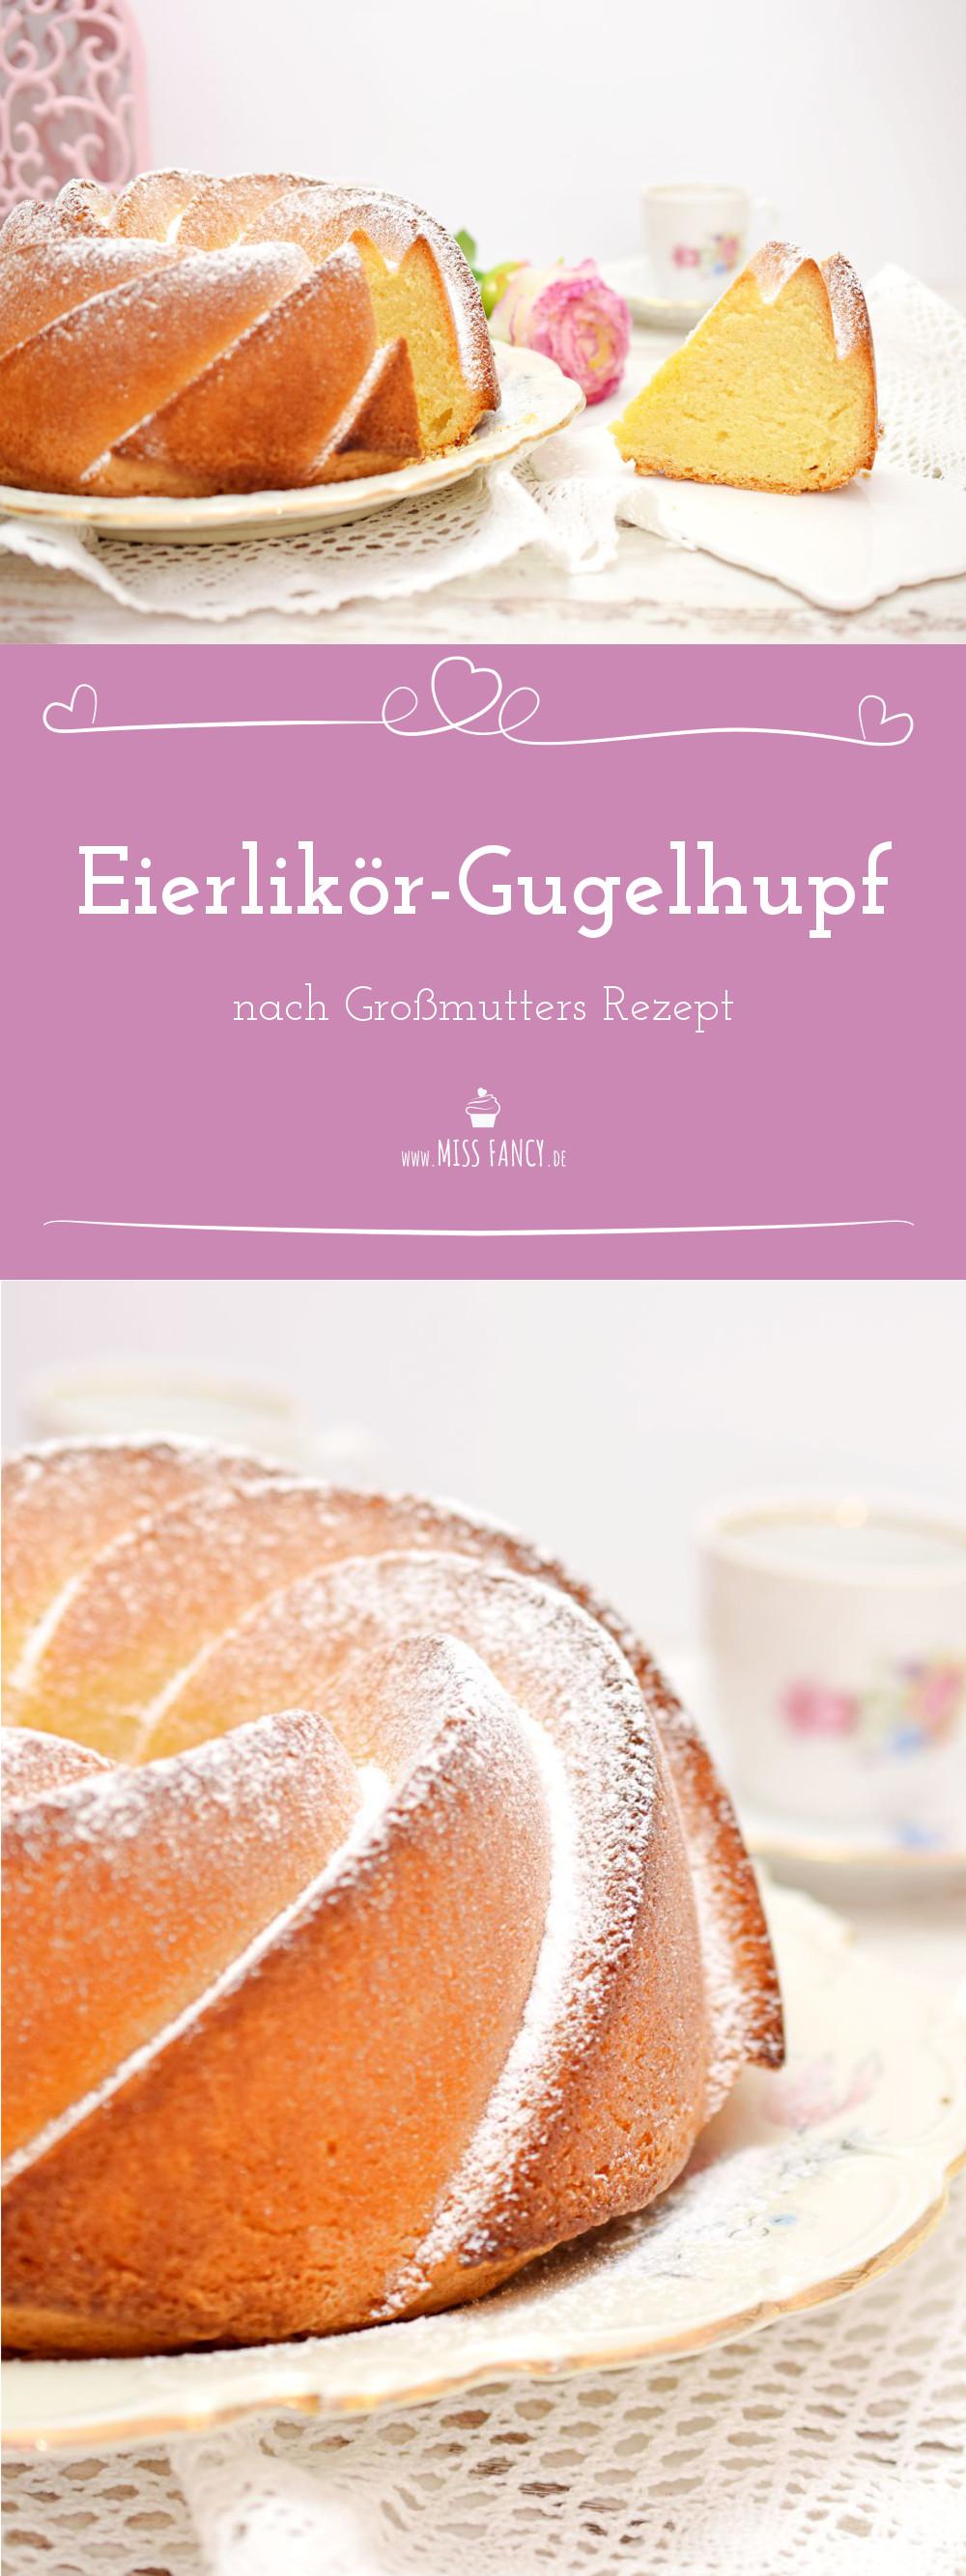 Eierlikör-Gugelhupf